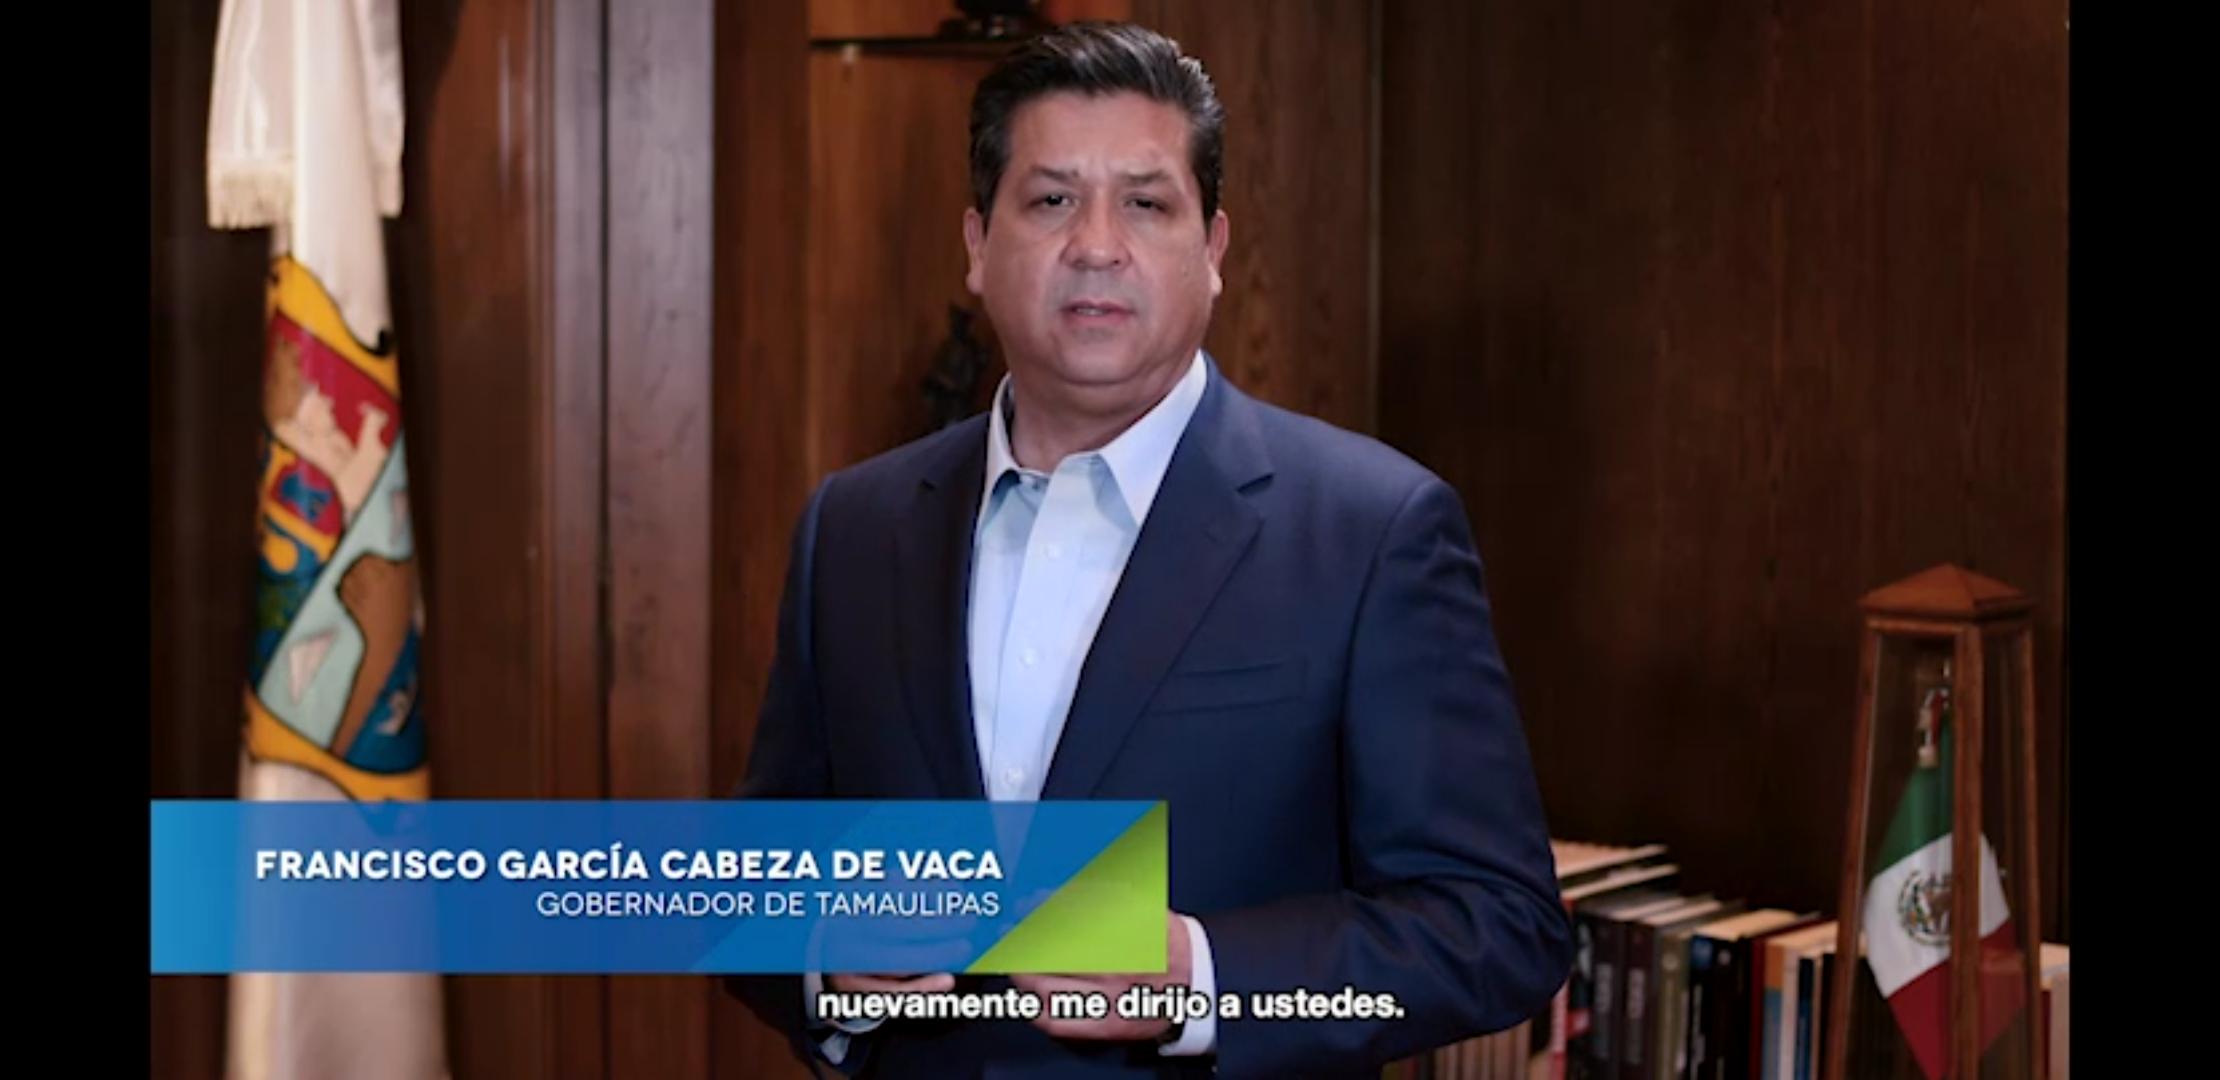 Mensaje del gobernador Francisco García Cabeza de Vaca